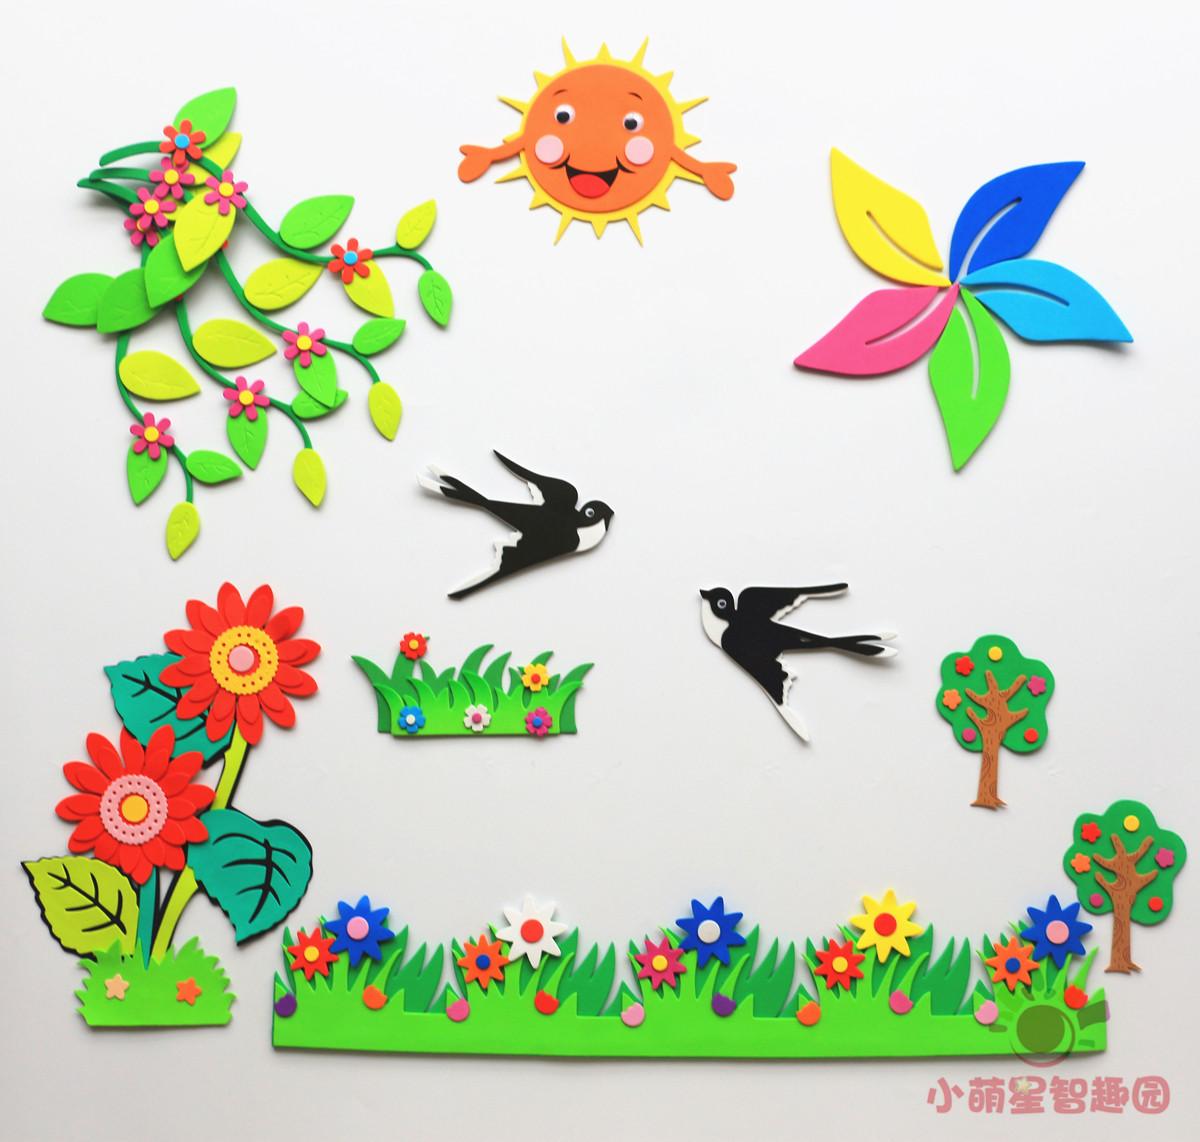 幼儿园黑板报diy装饰墙贴画*教室主题墙春天来了*燕子